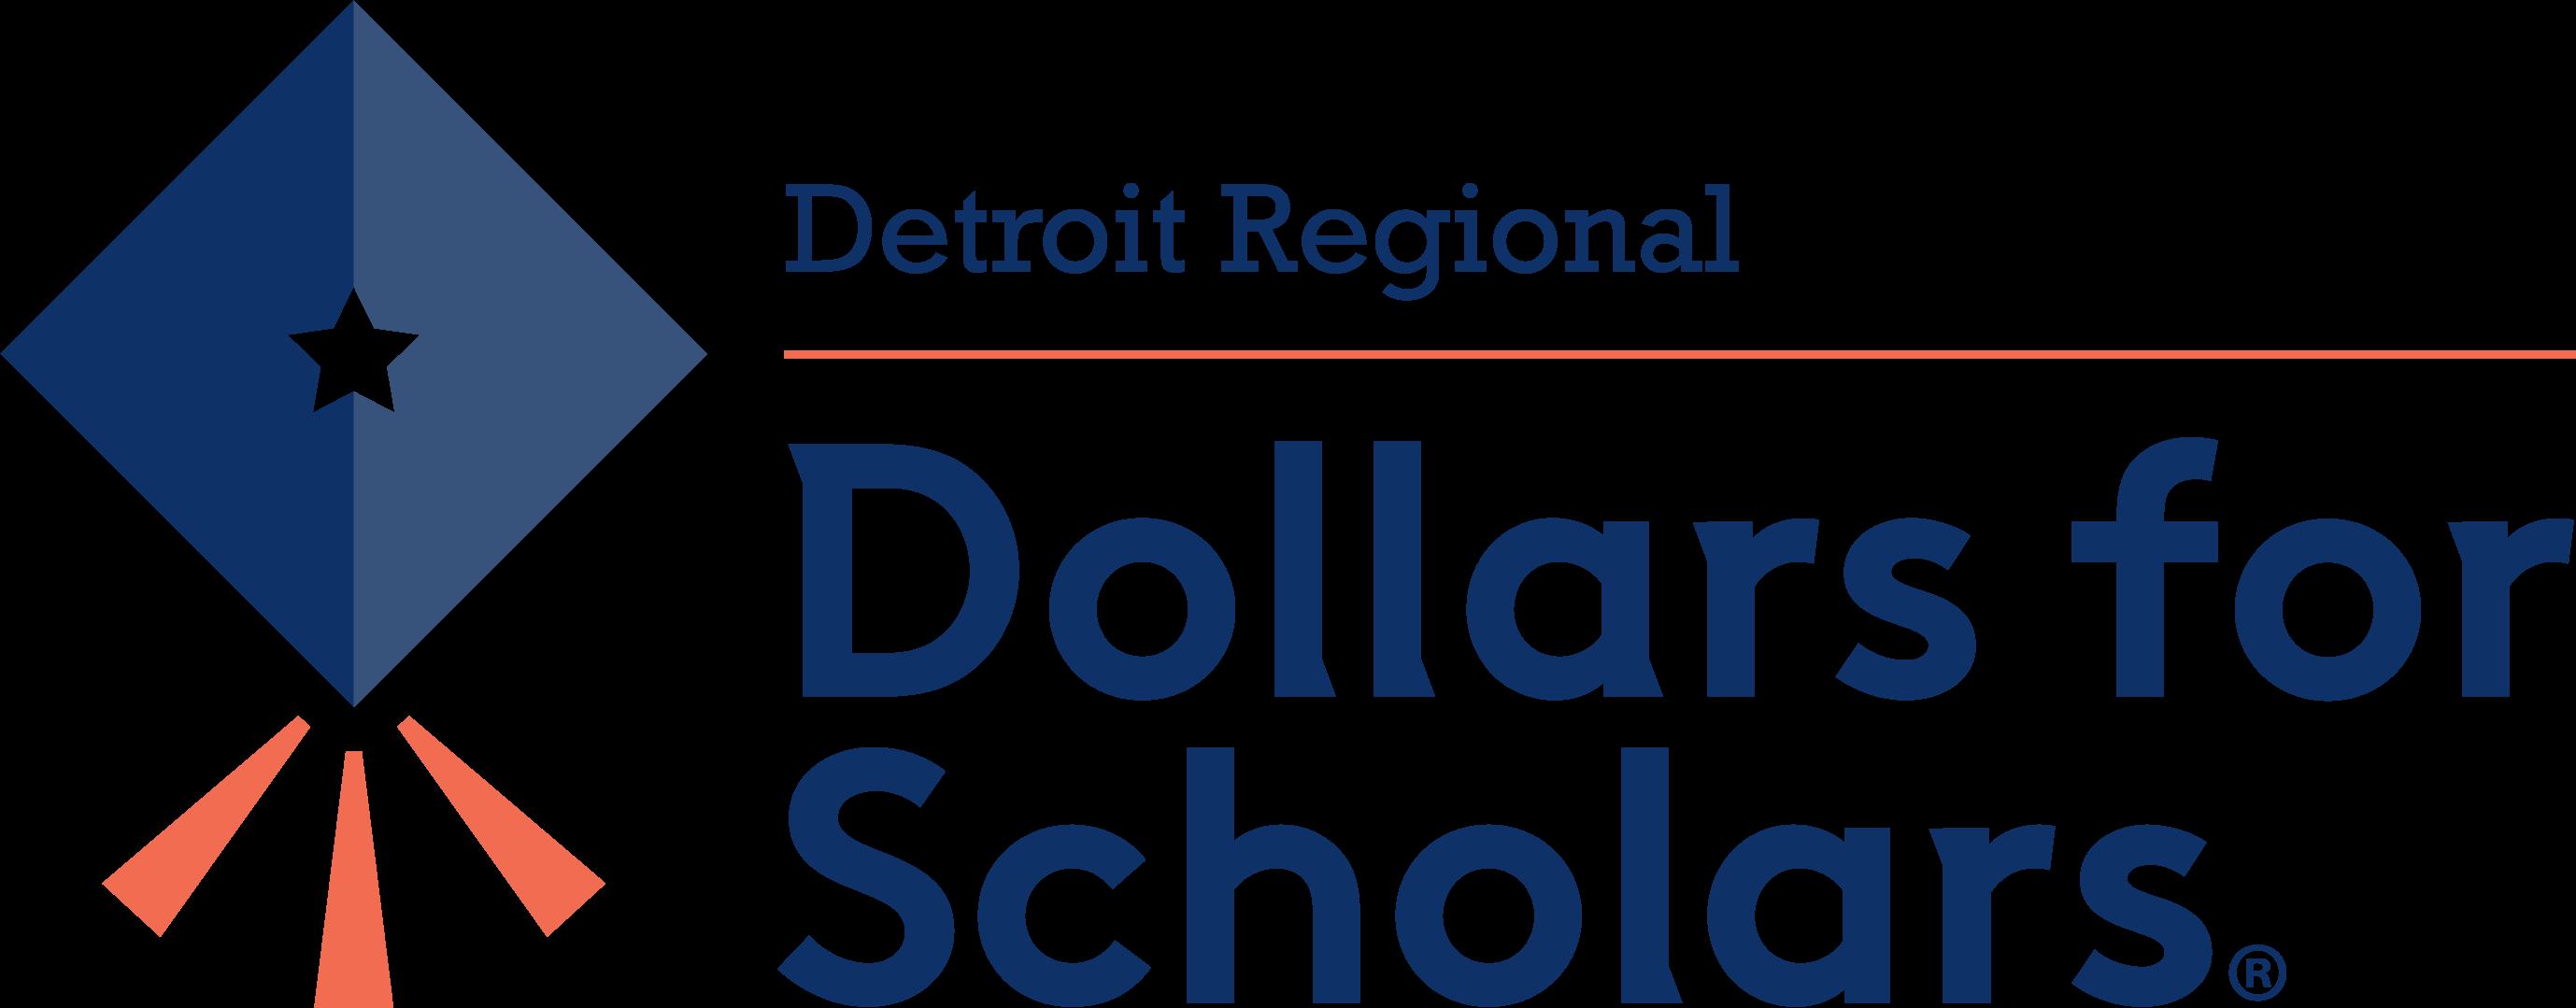 Detroit Regional Dollars for Scholars logo